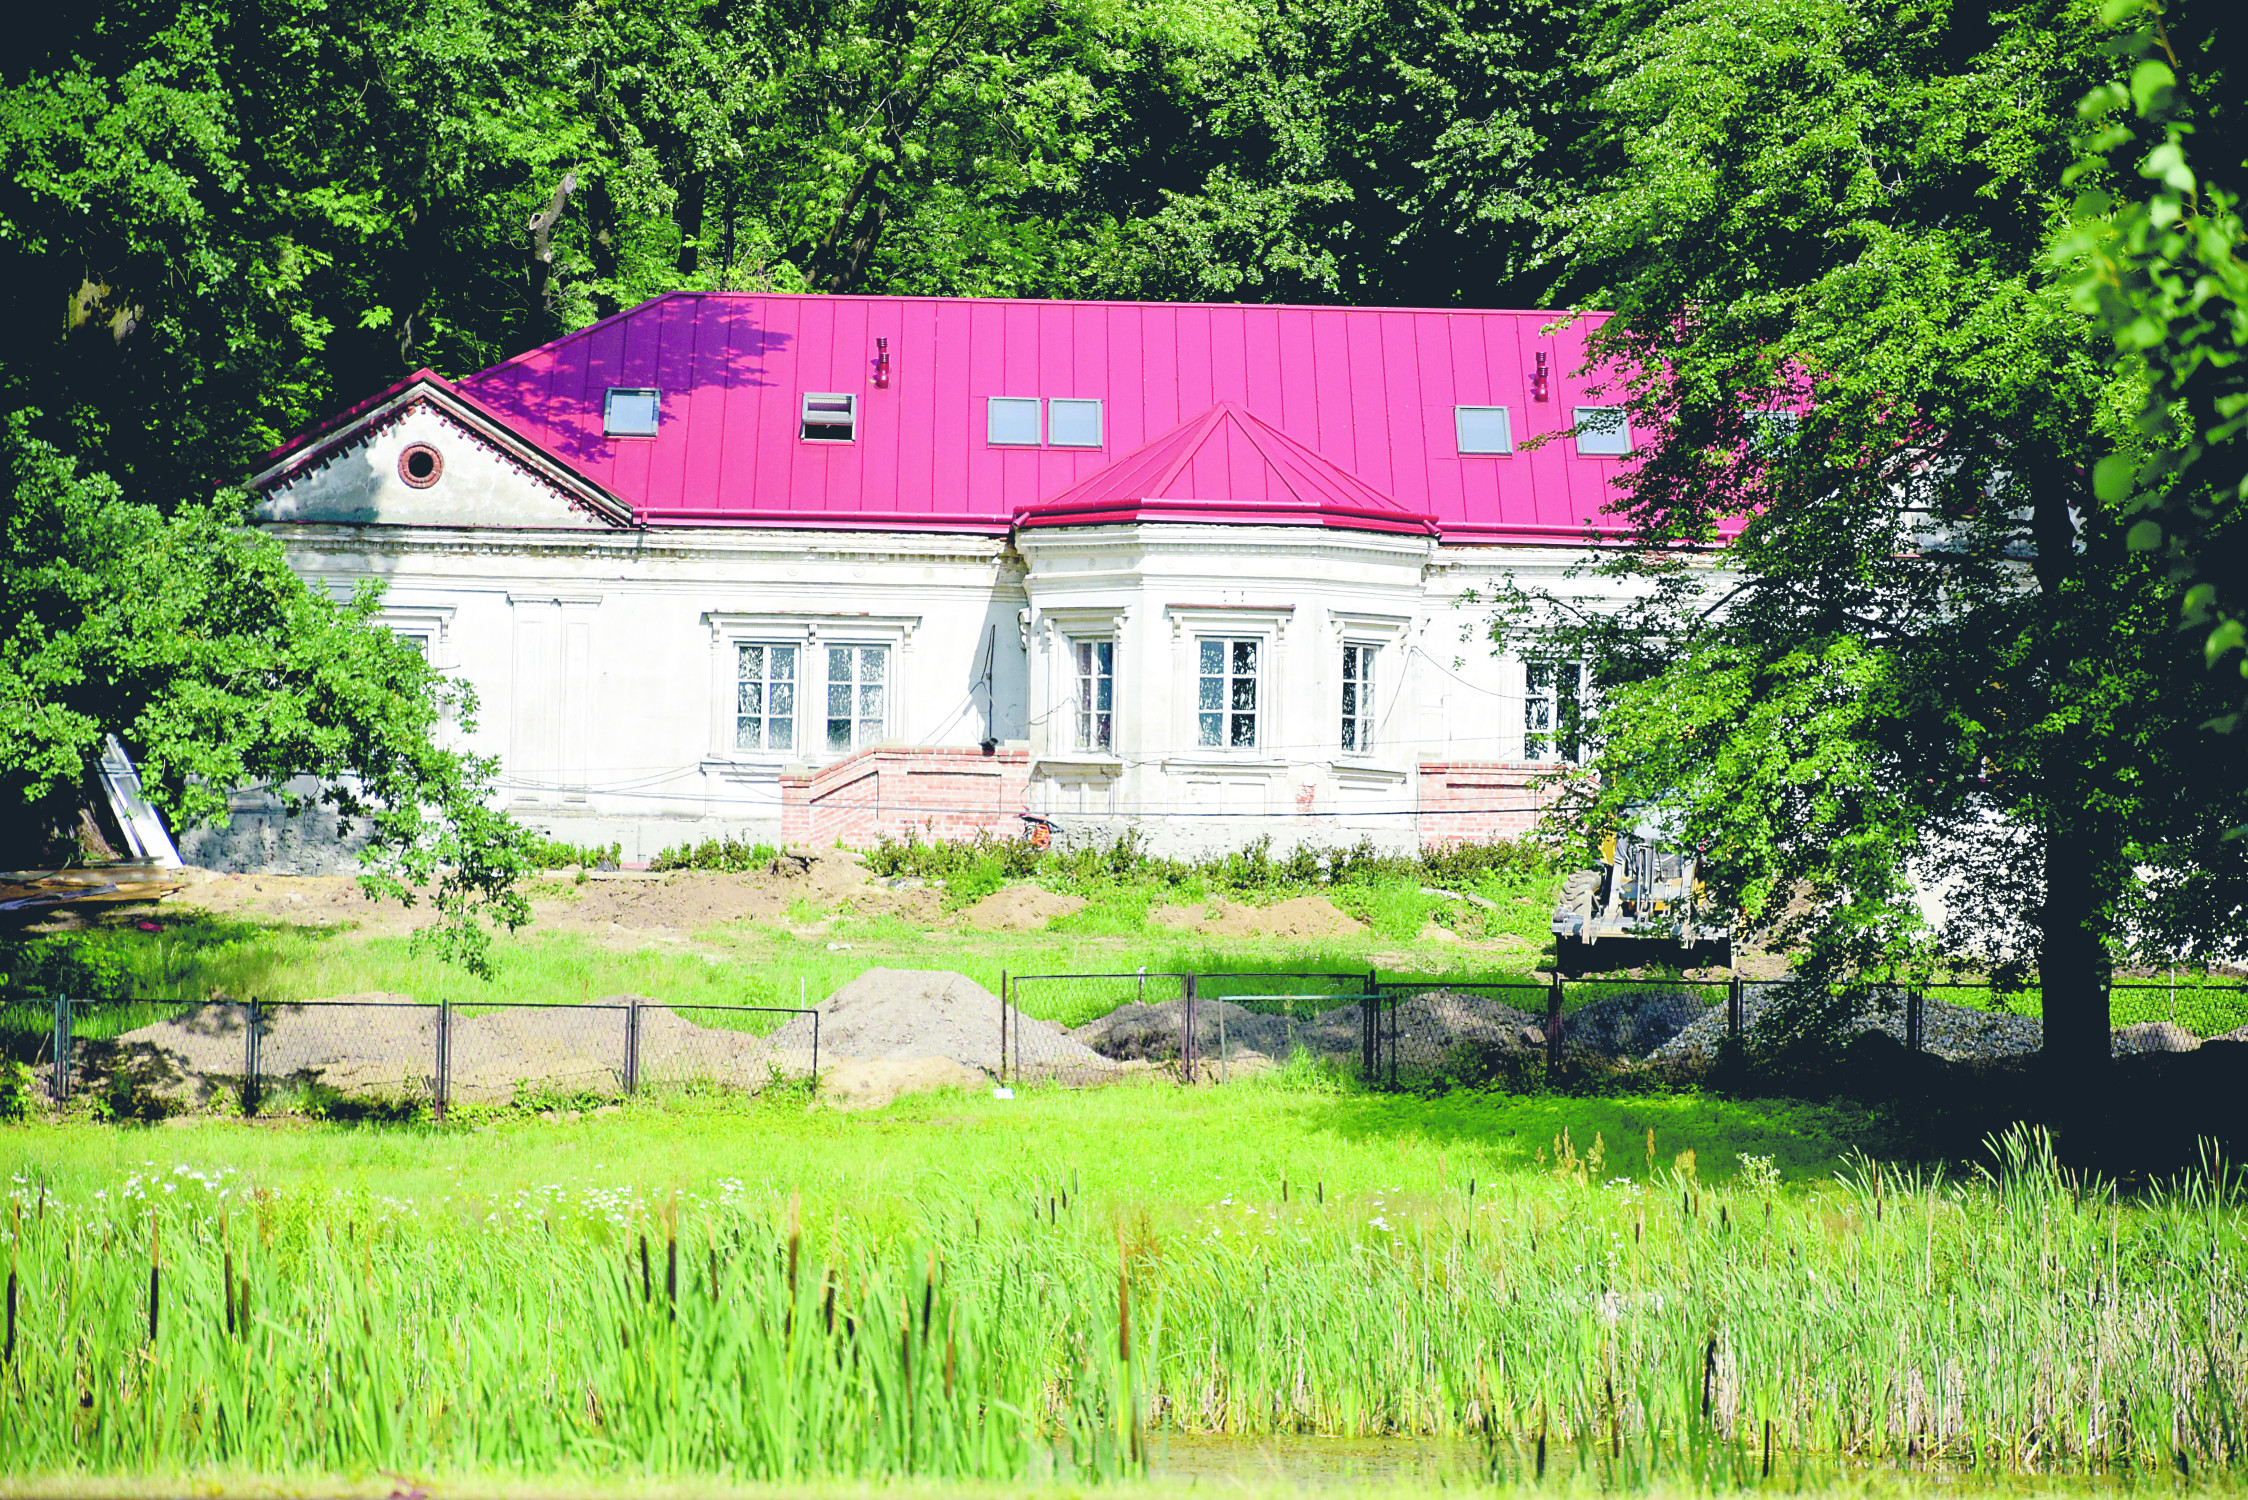 Gmina Dzikowiec. Trwają prace remontowe w zabytkowym zespole parkowo - dworskim w Dzikowcu. Gmina zakupuje już wyposażenie - Zdjęcie główne